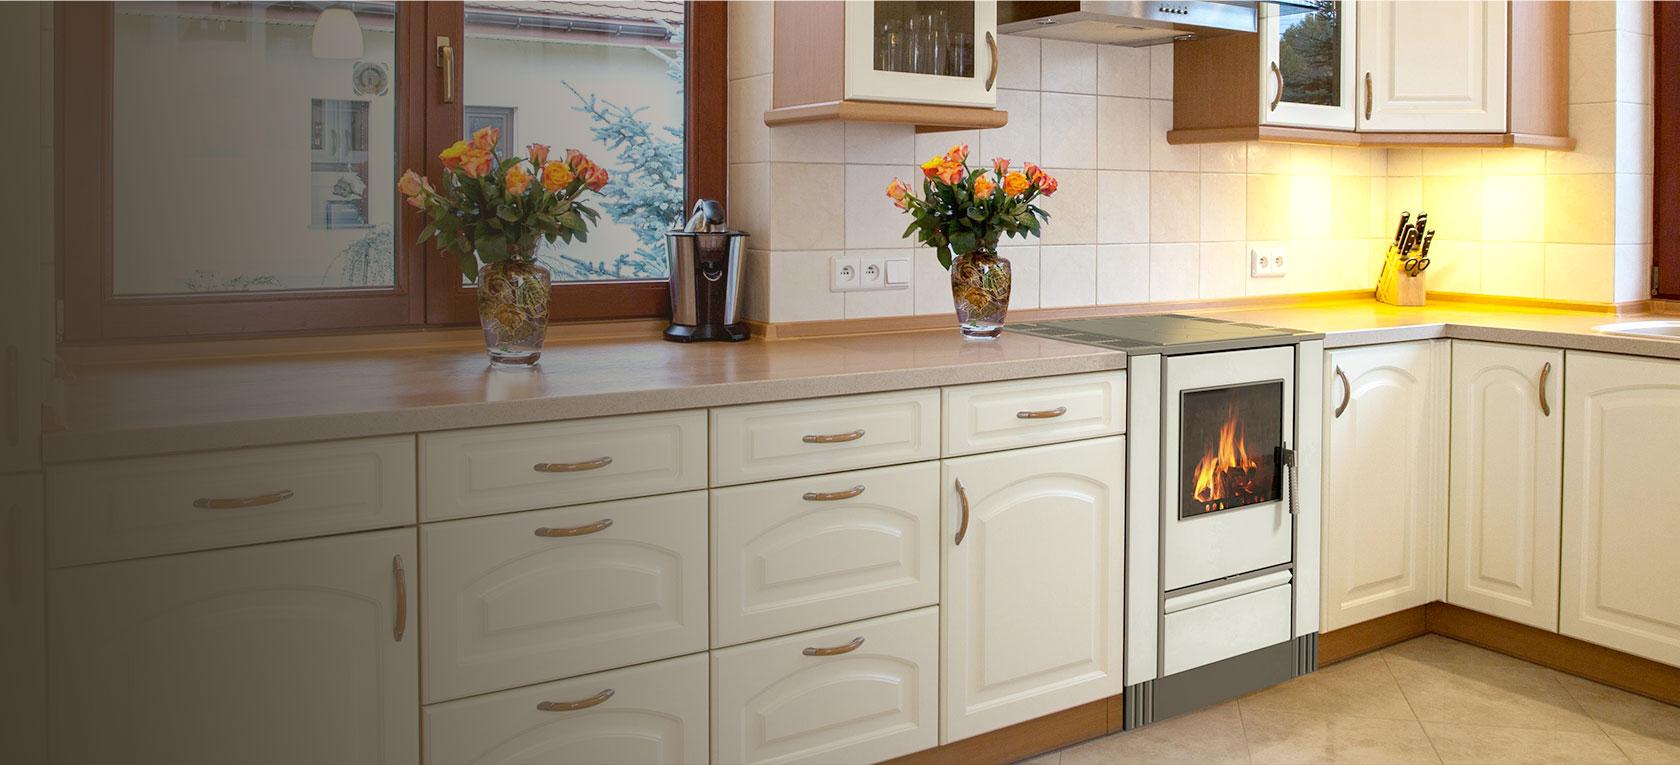 glutos beistellherd g nstig klimaanlage und heizung. Black Bedroom Furniture Sets. Home Design Ideas